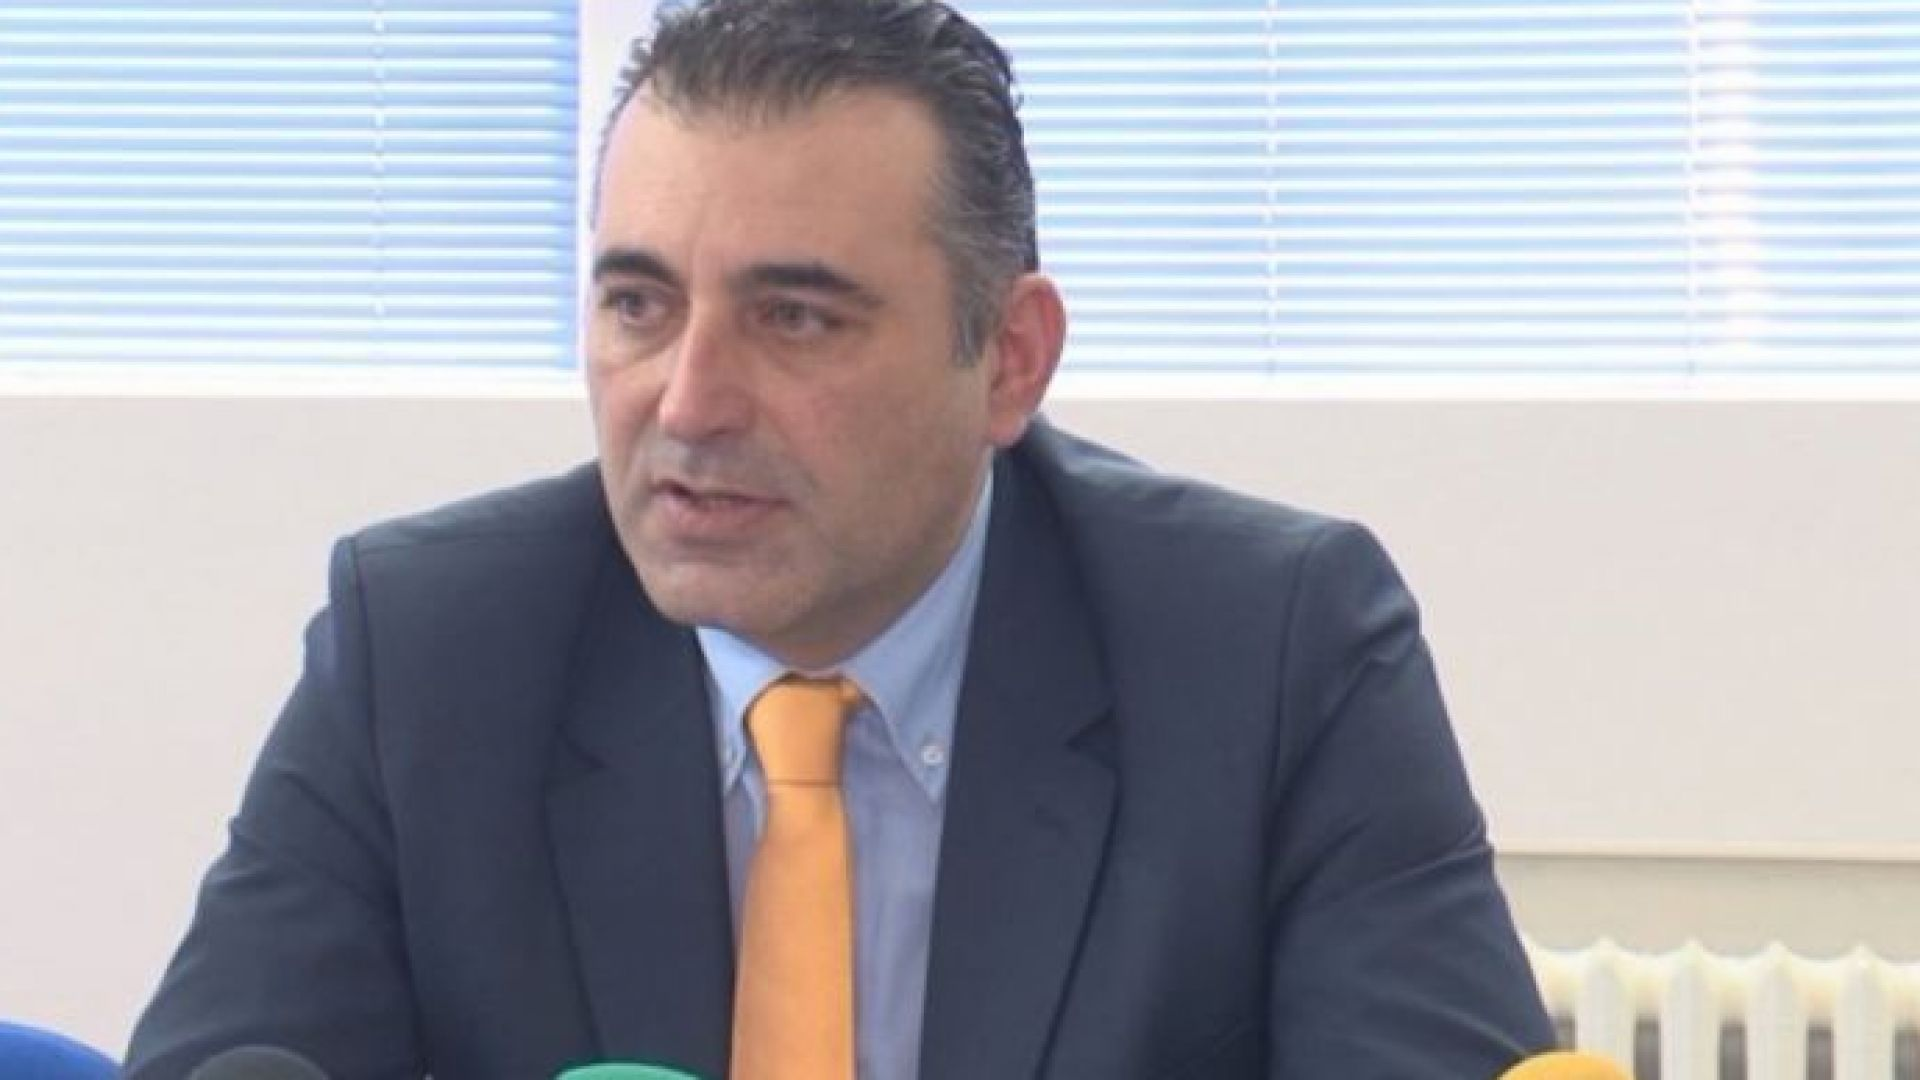 Трима инспектори от ДАИ-Пловдив са задържани за 72 часа и